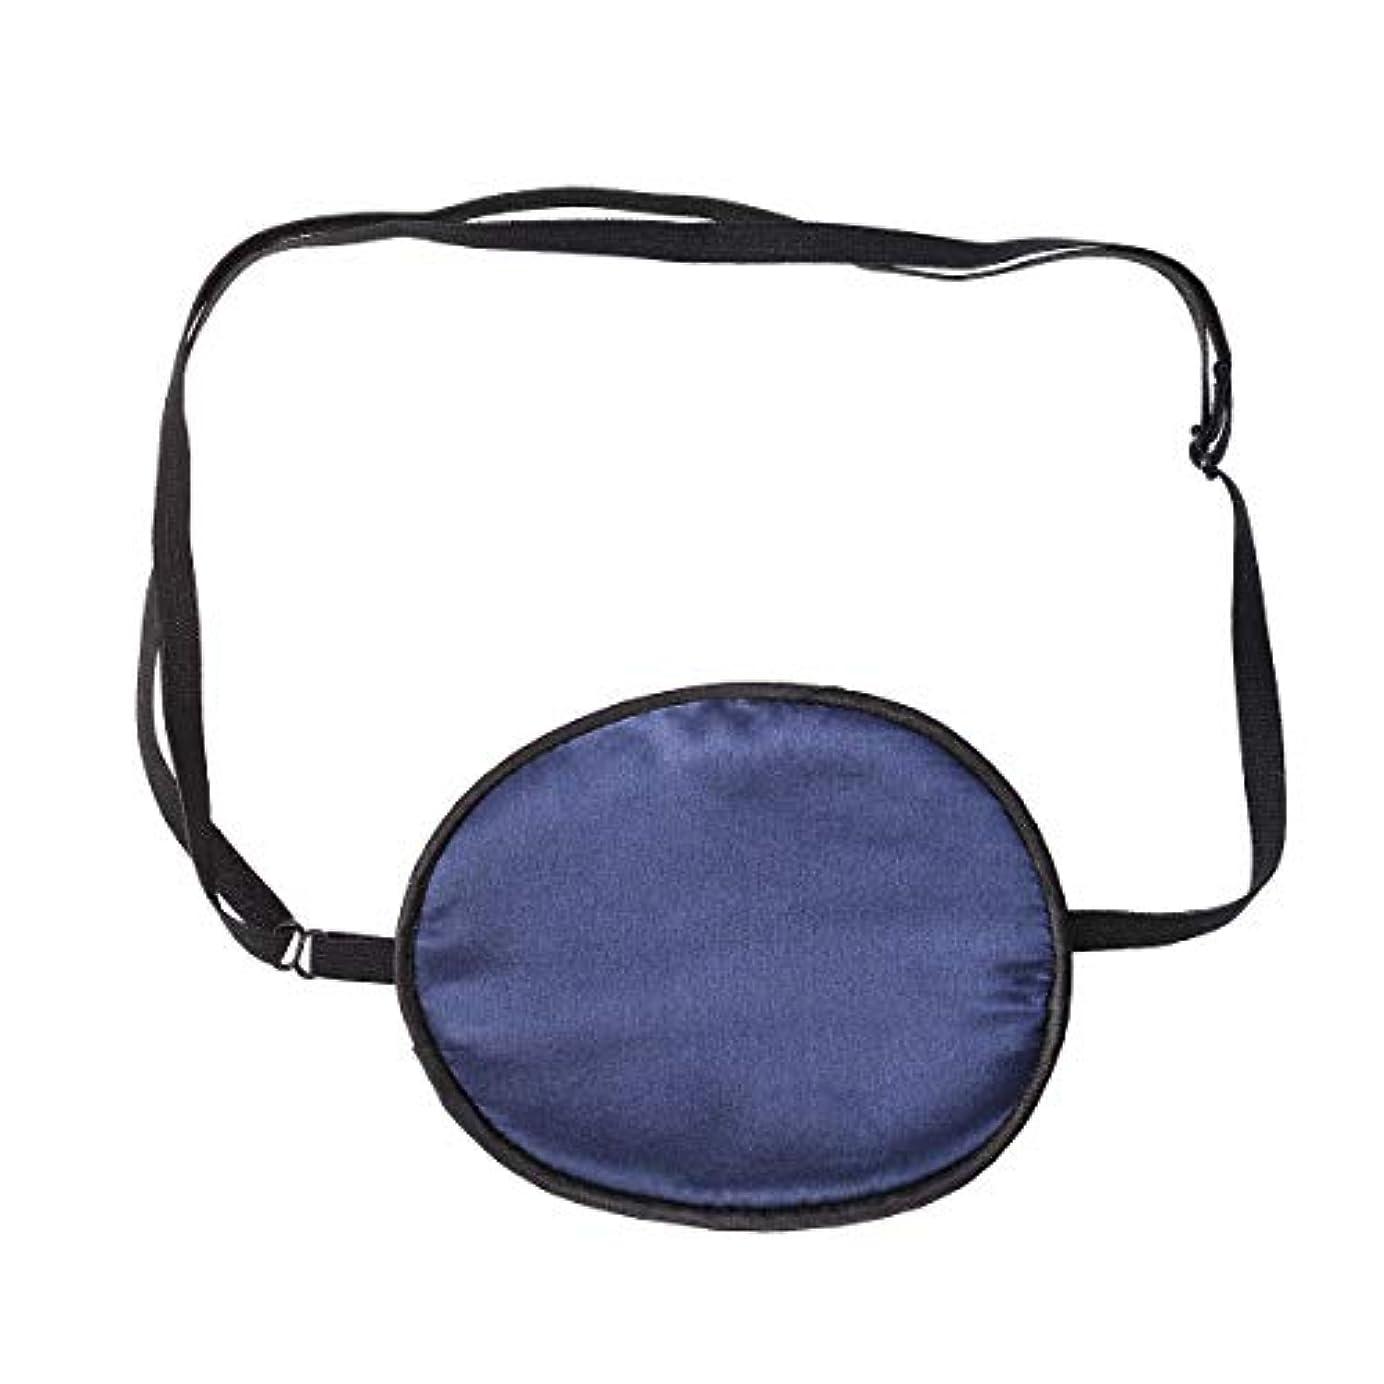 グリットドライ粉砕するHealifty 弱視斜視用のアイパッチシングルアイマスク調節可能なアイカバー